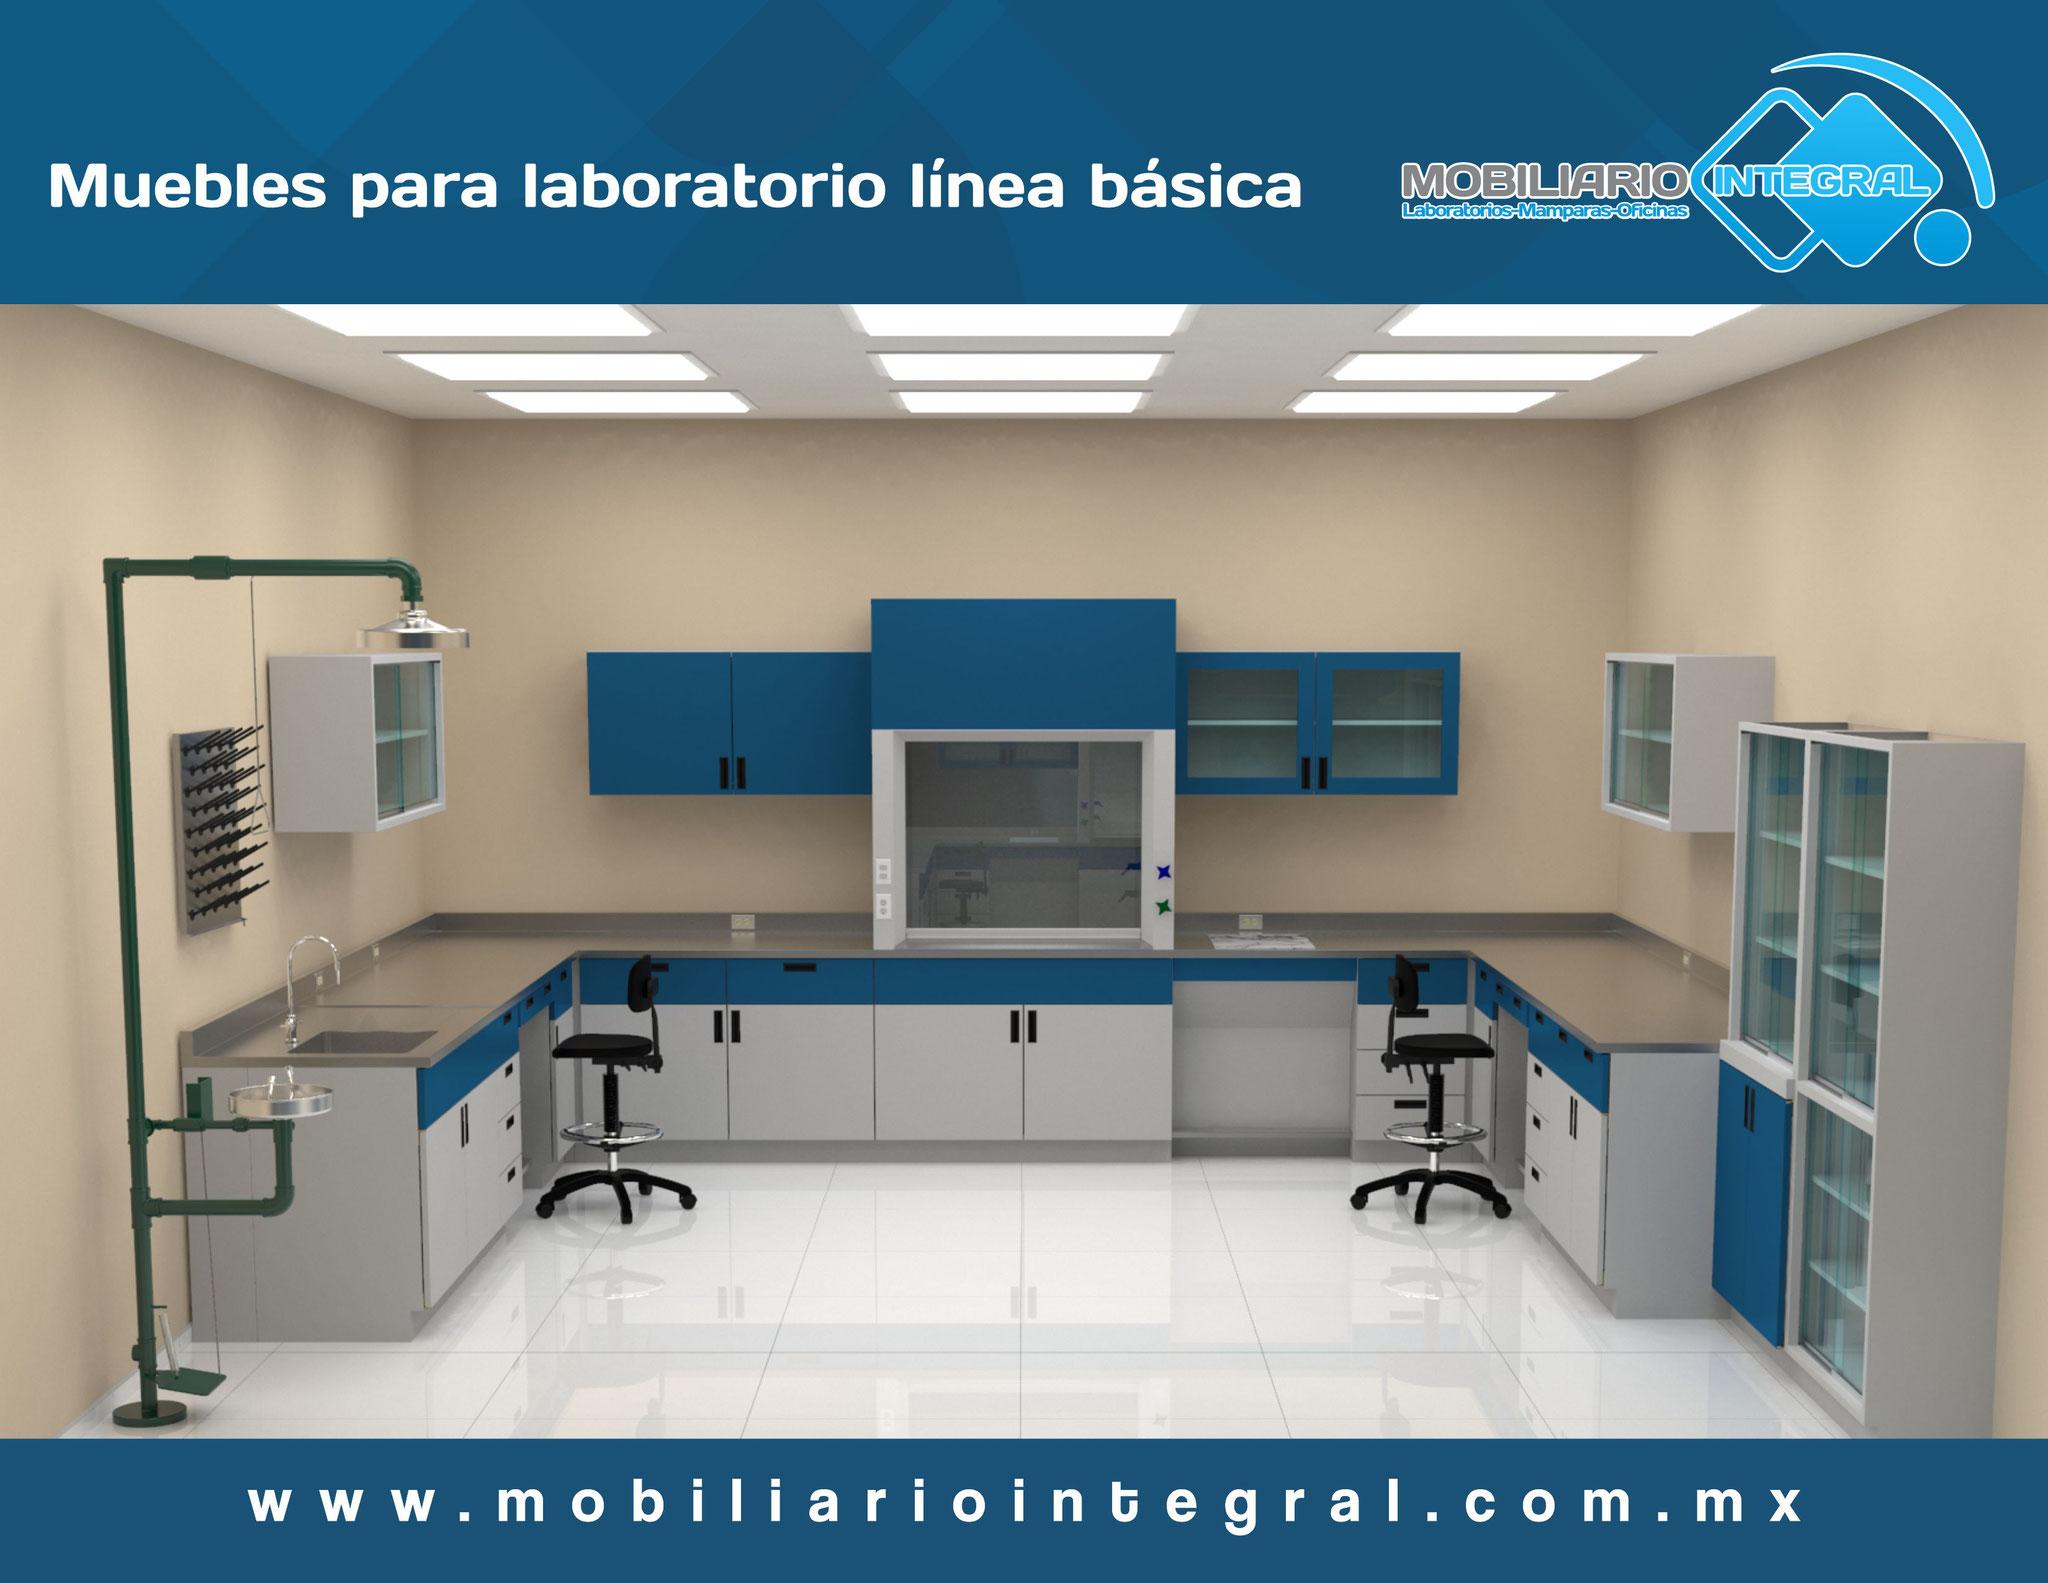 Muebles para laboratorio en Puebla